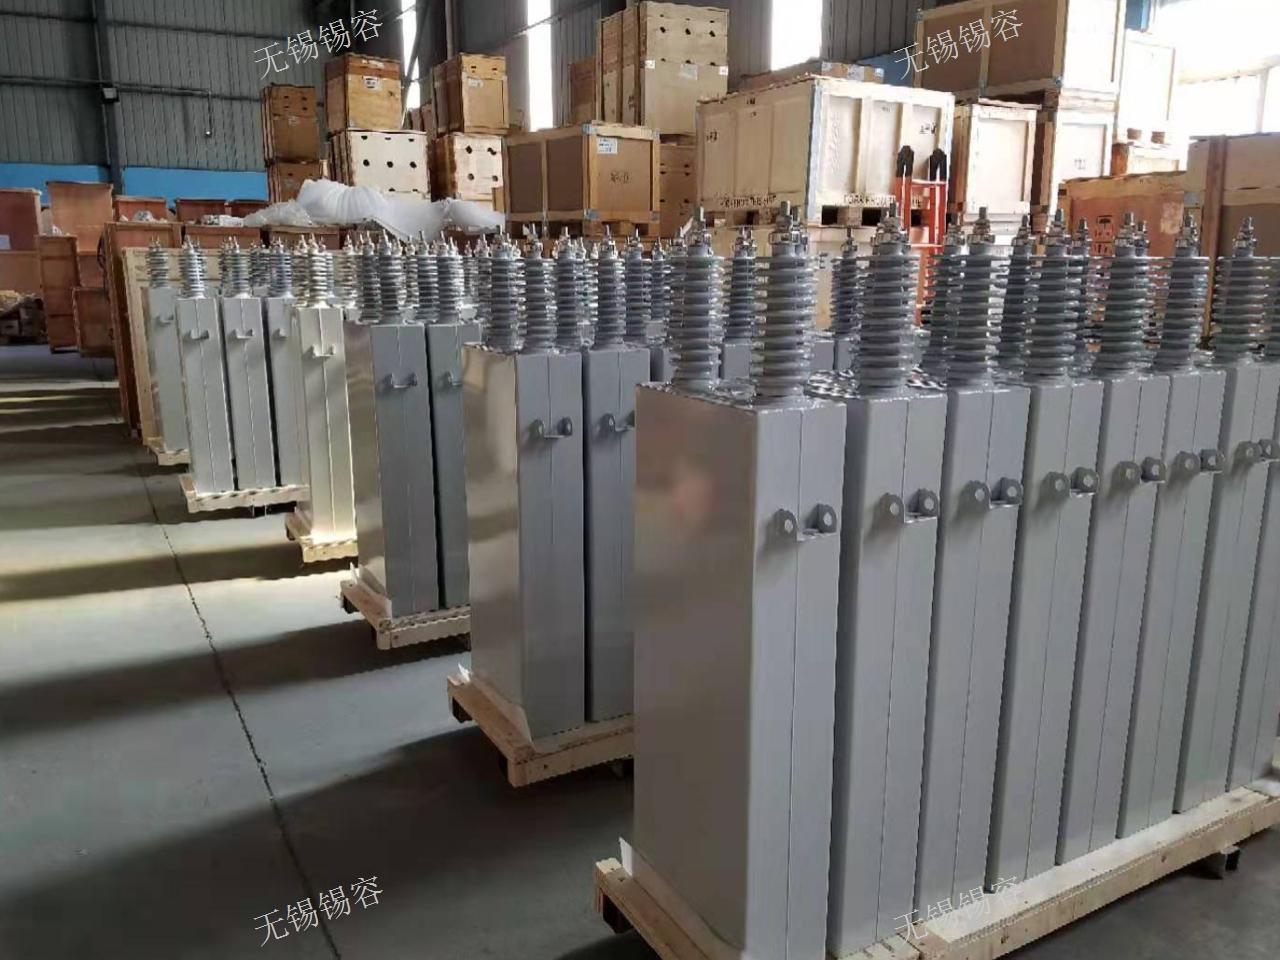 衢州AFMR电容器定制 铸造辉煌 无锡市锡容电力电器供应